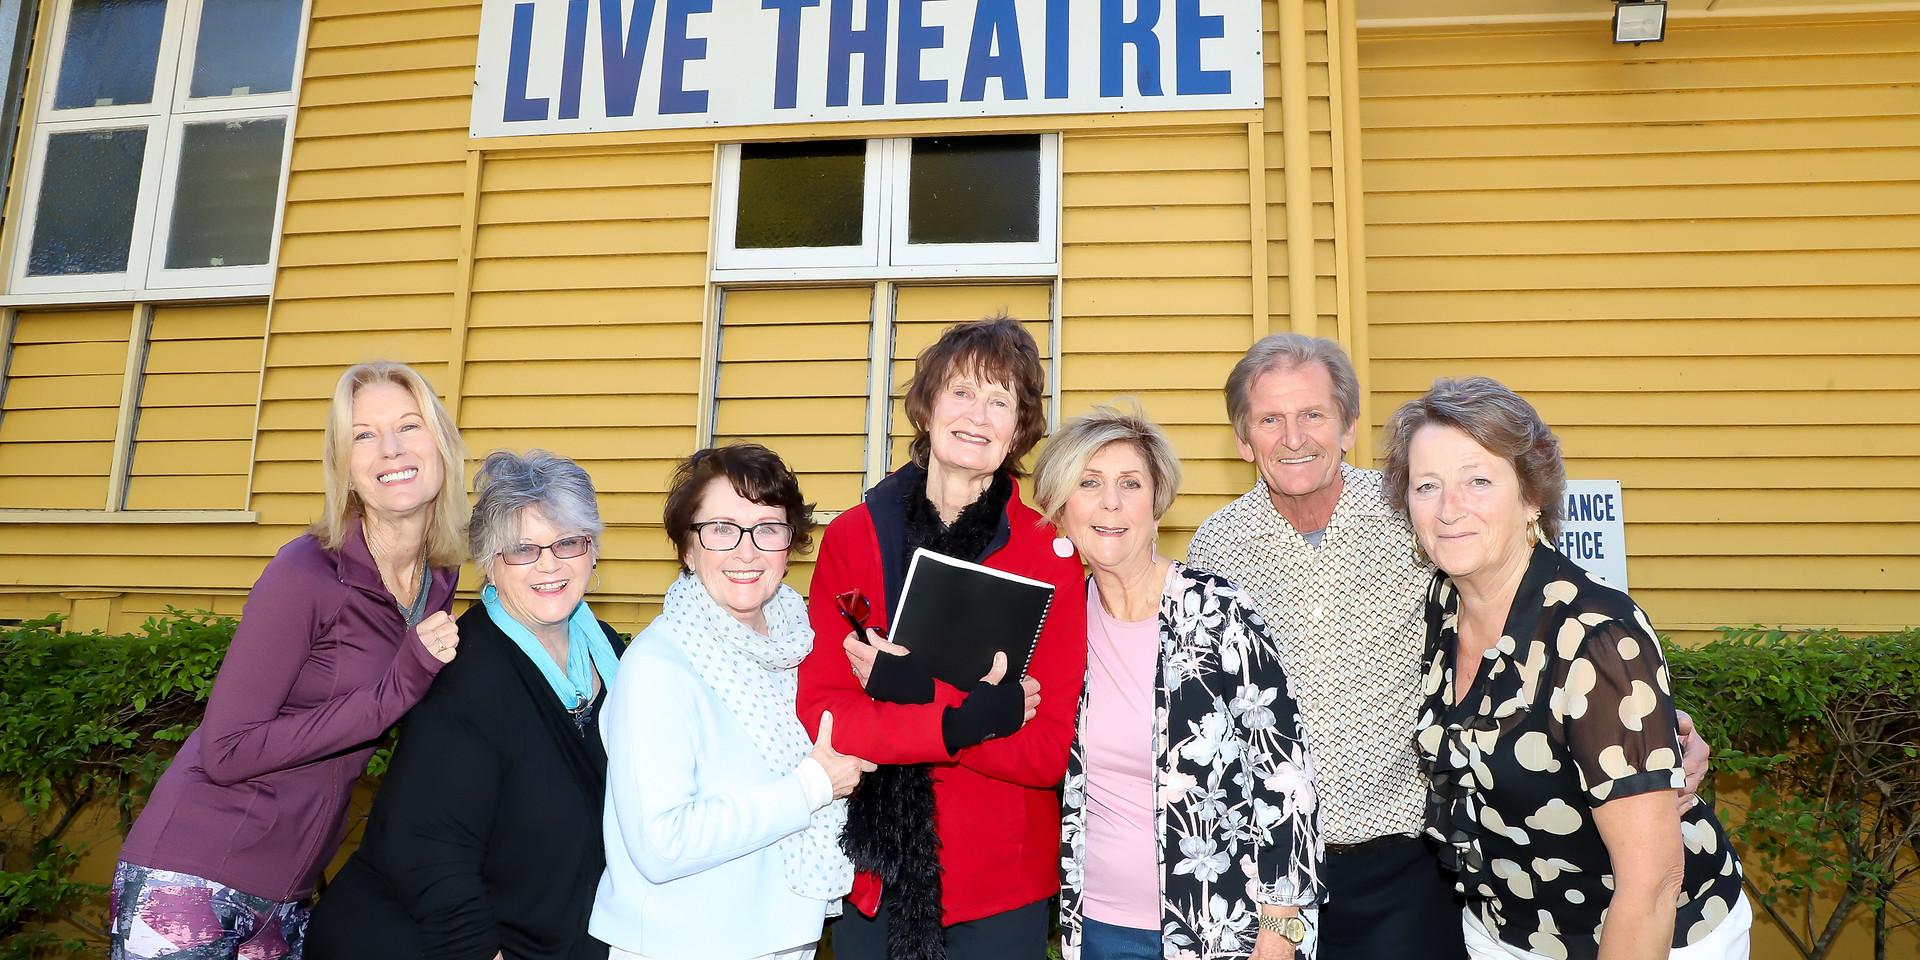 2019_Seniors_Theatre-31.jpg